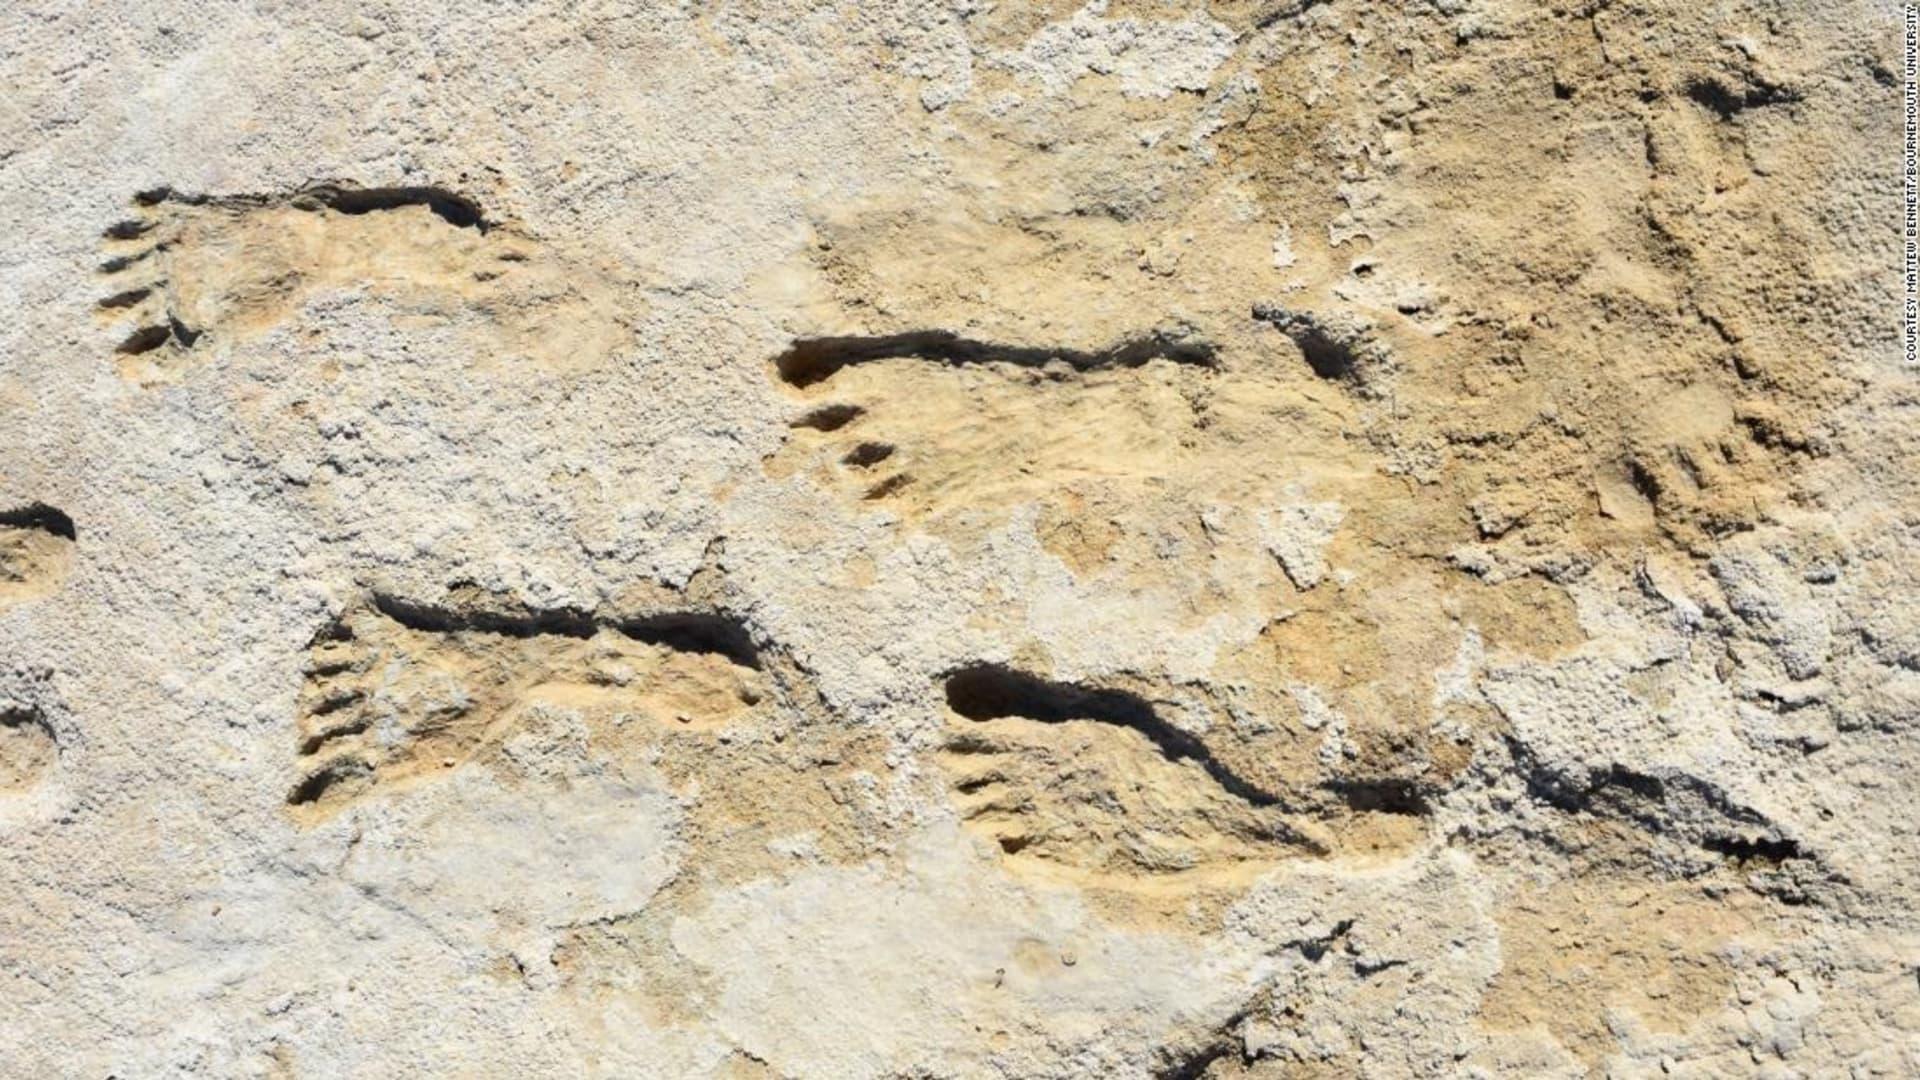 اكتشاف آثار أقدام يعود تاريخها إلى 23 ألف عام في أمريكا.. ما الذي تبينه؟